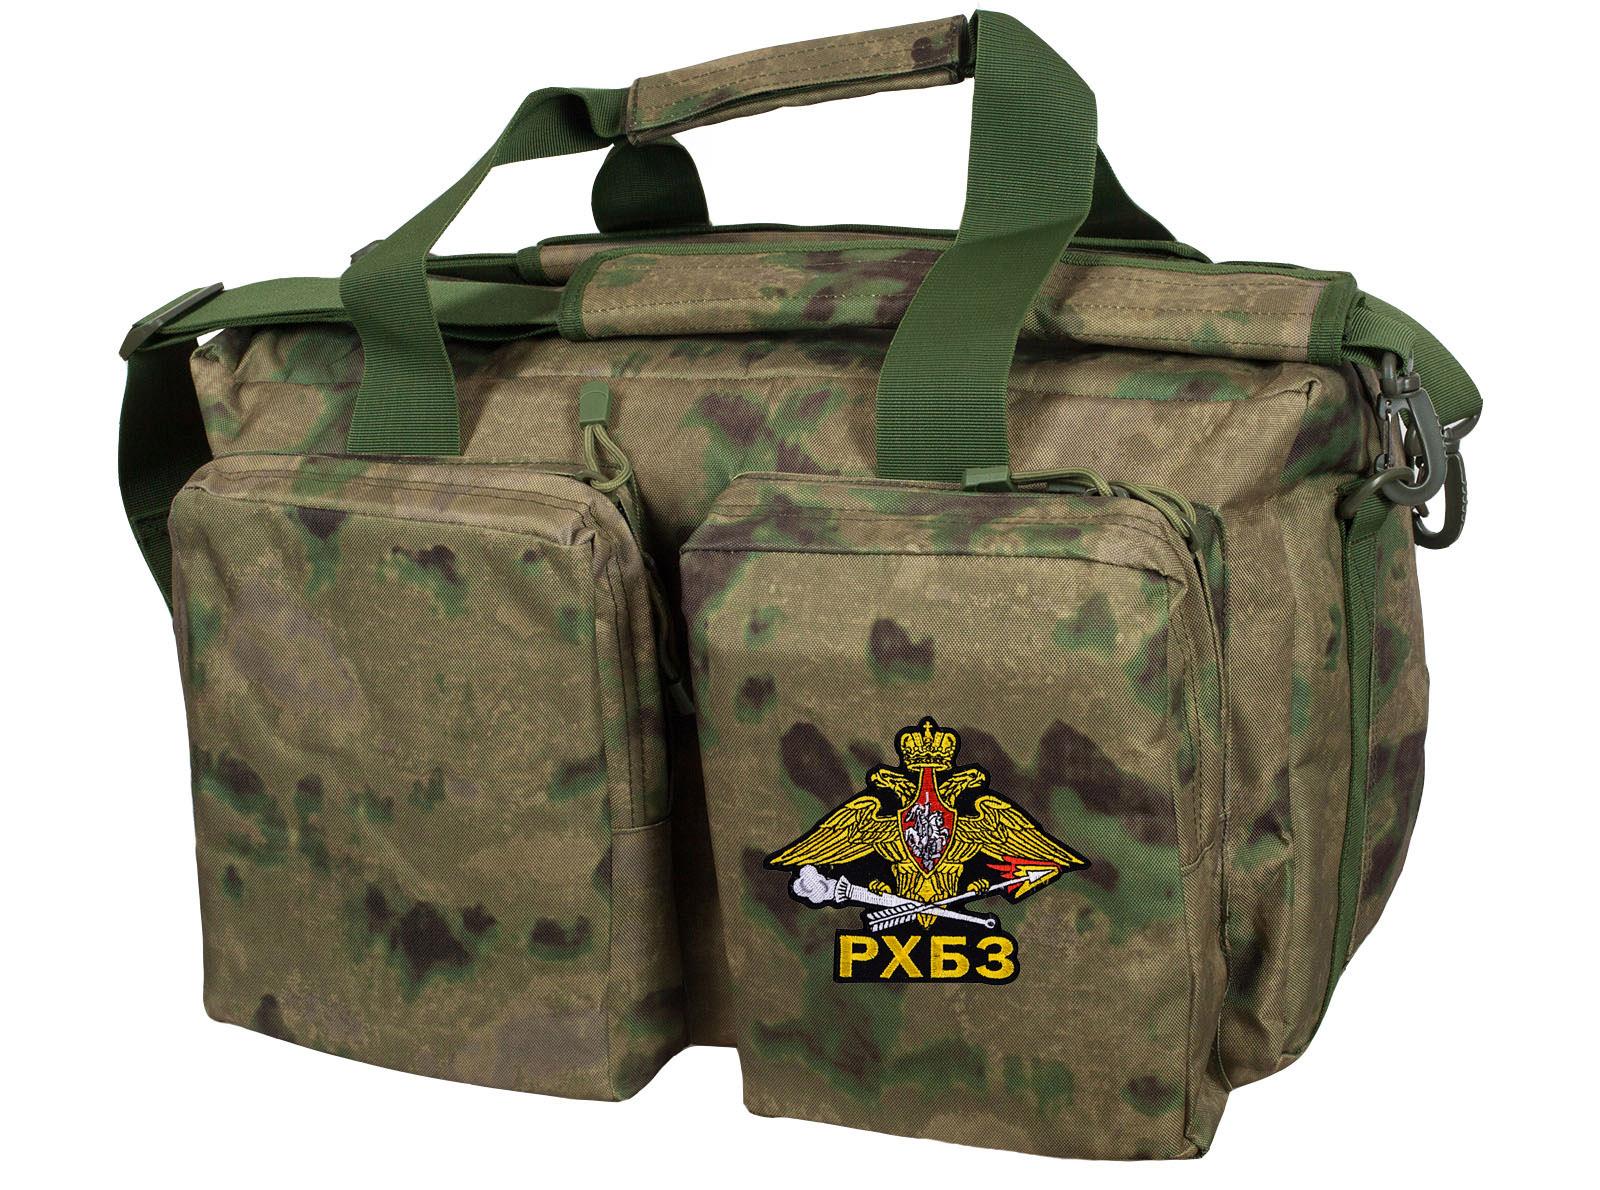 Дорожная камуфляжная сумка с символикой РХБЗ